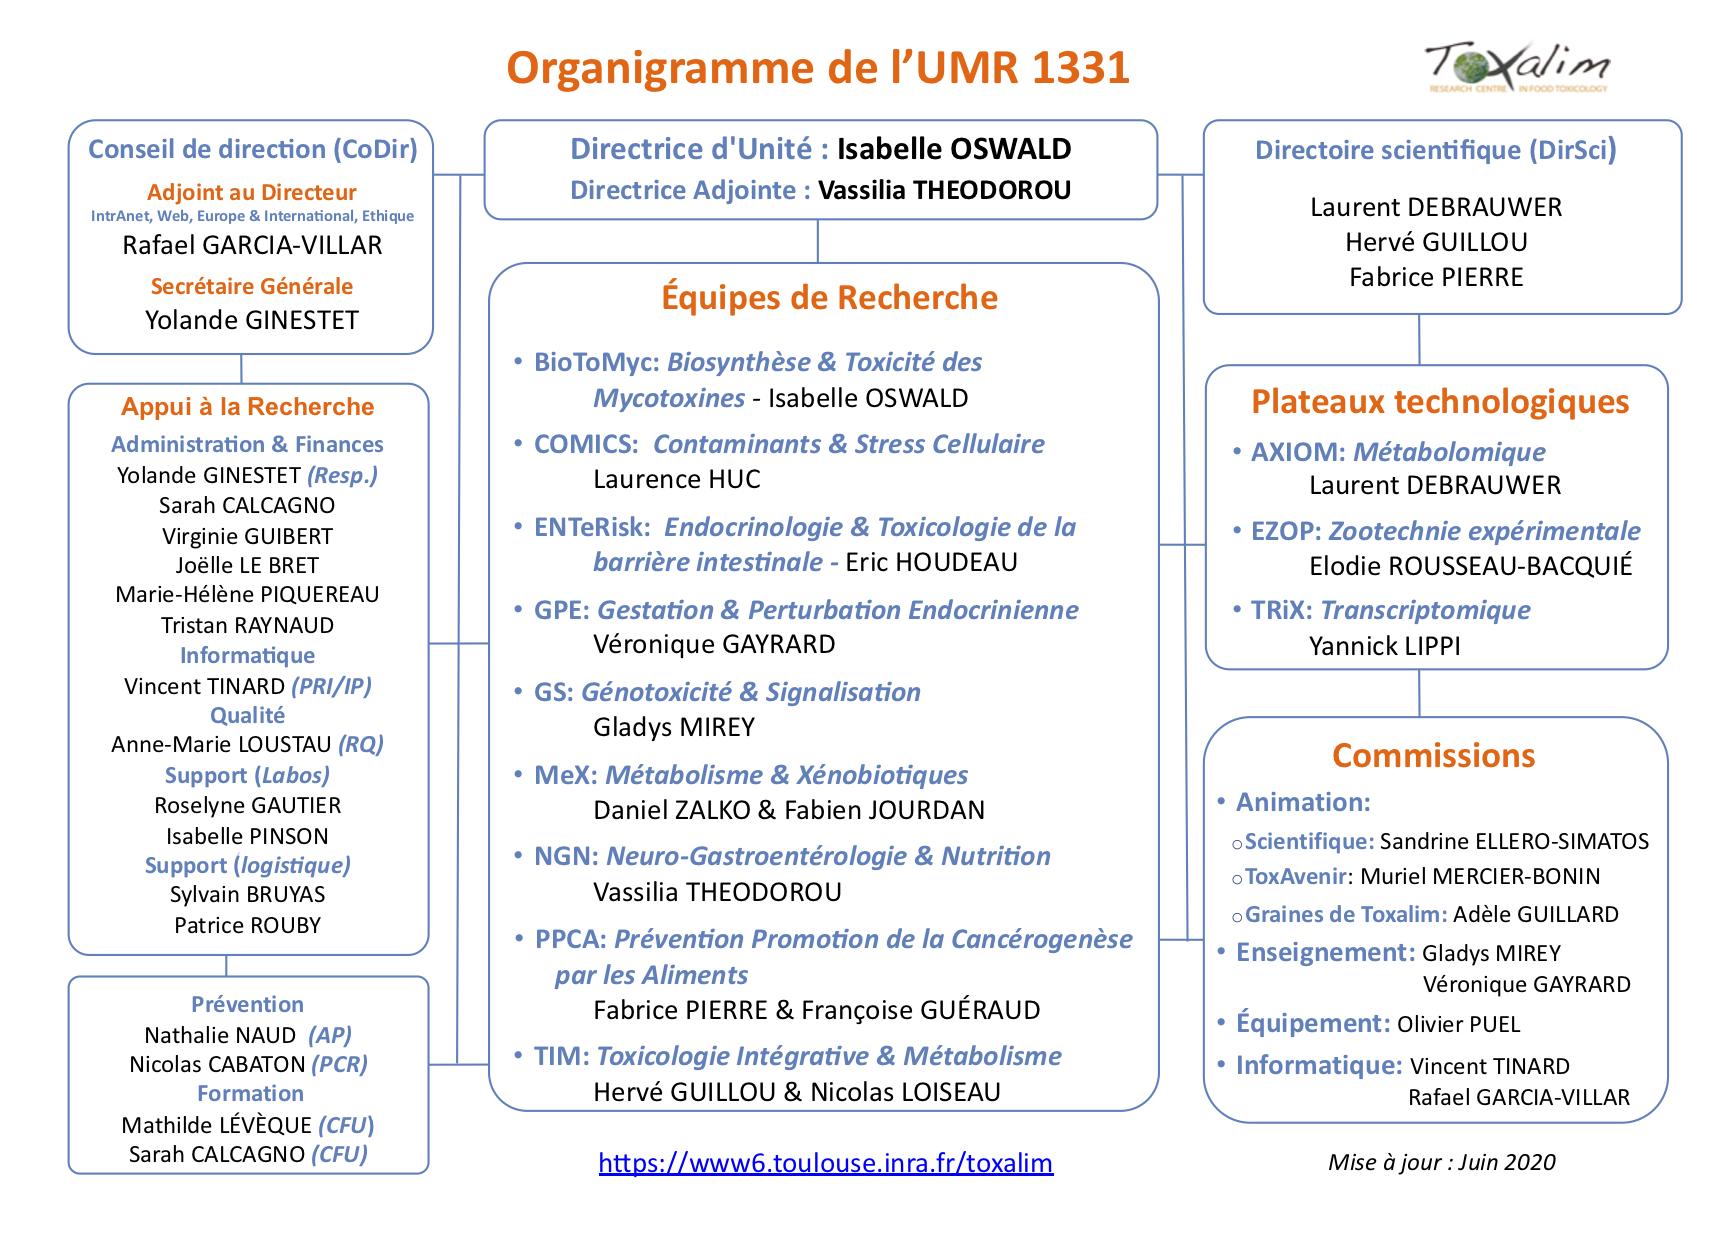 organigramme toxalim_V16_202006